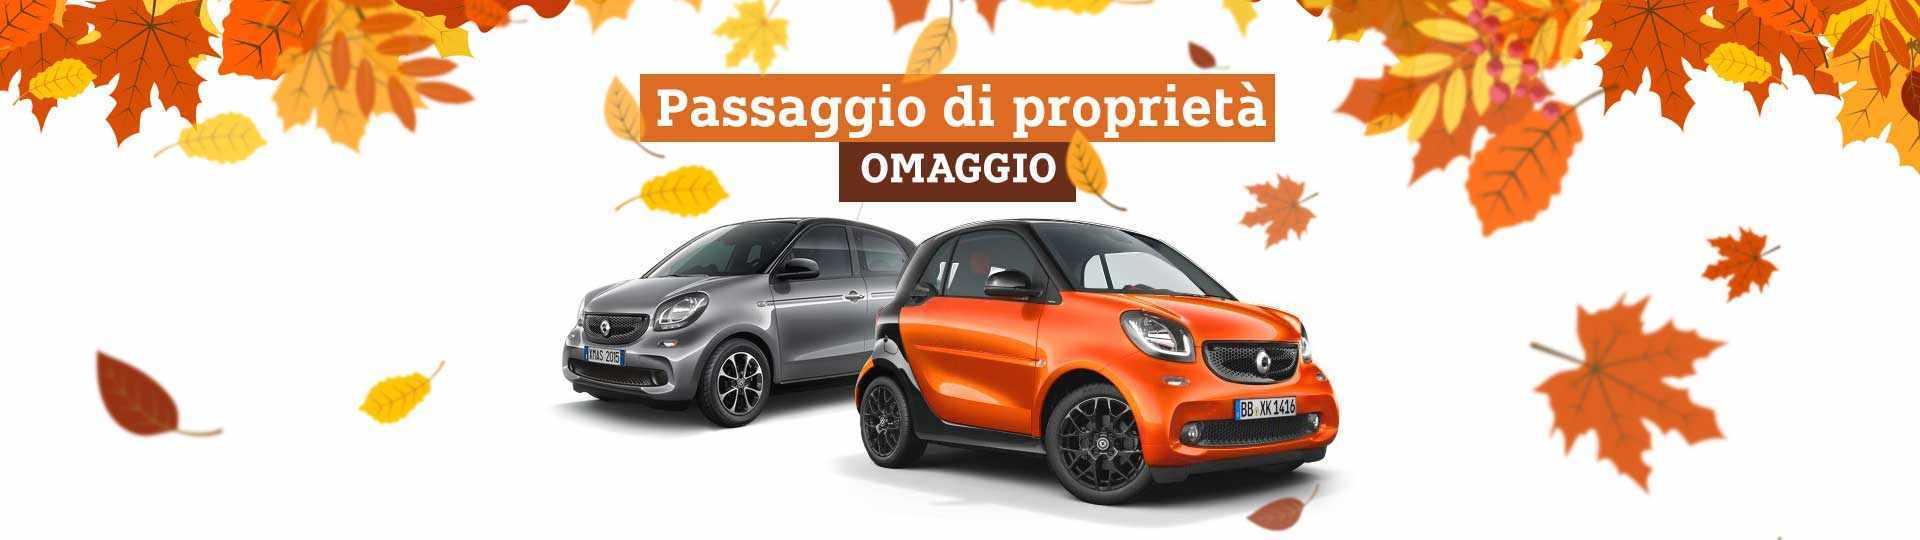 smart_promo_ottobre.jpg